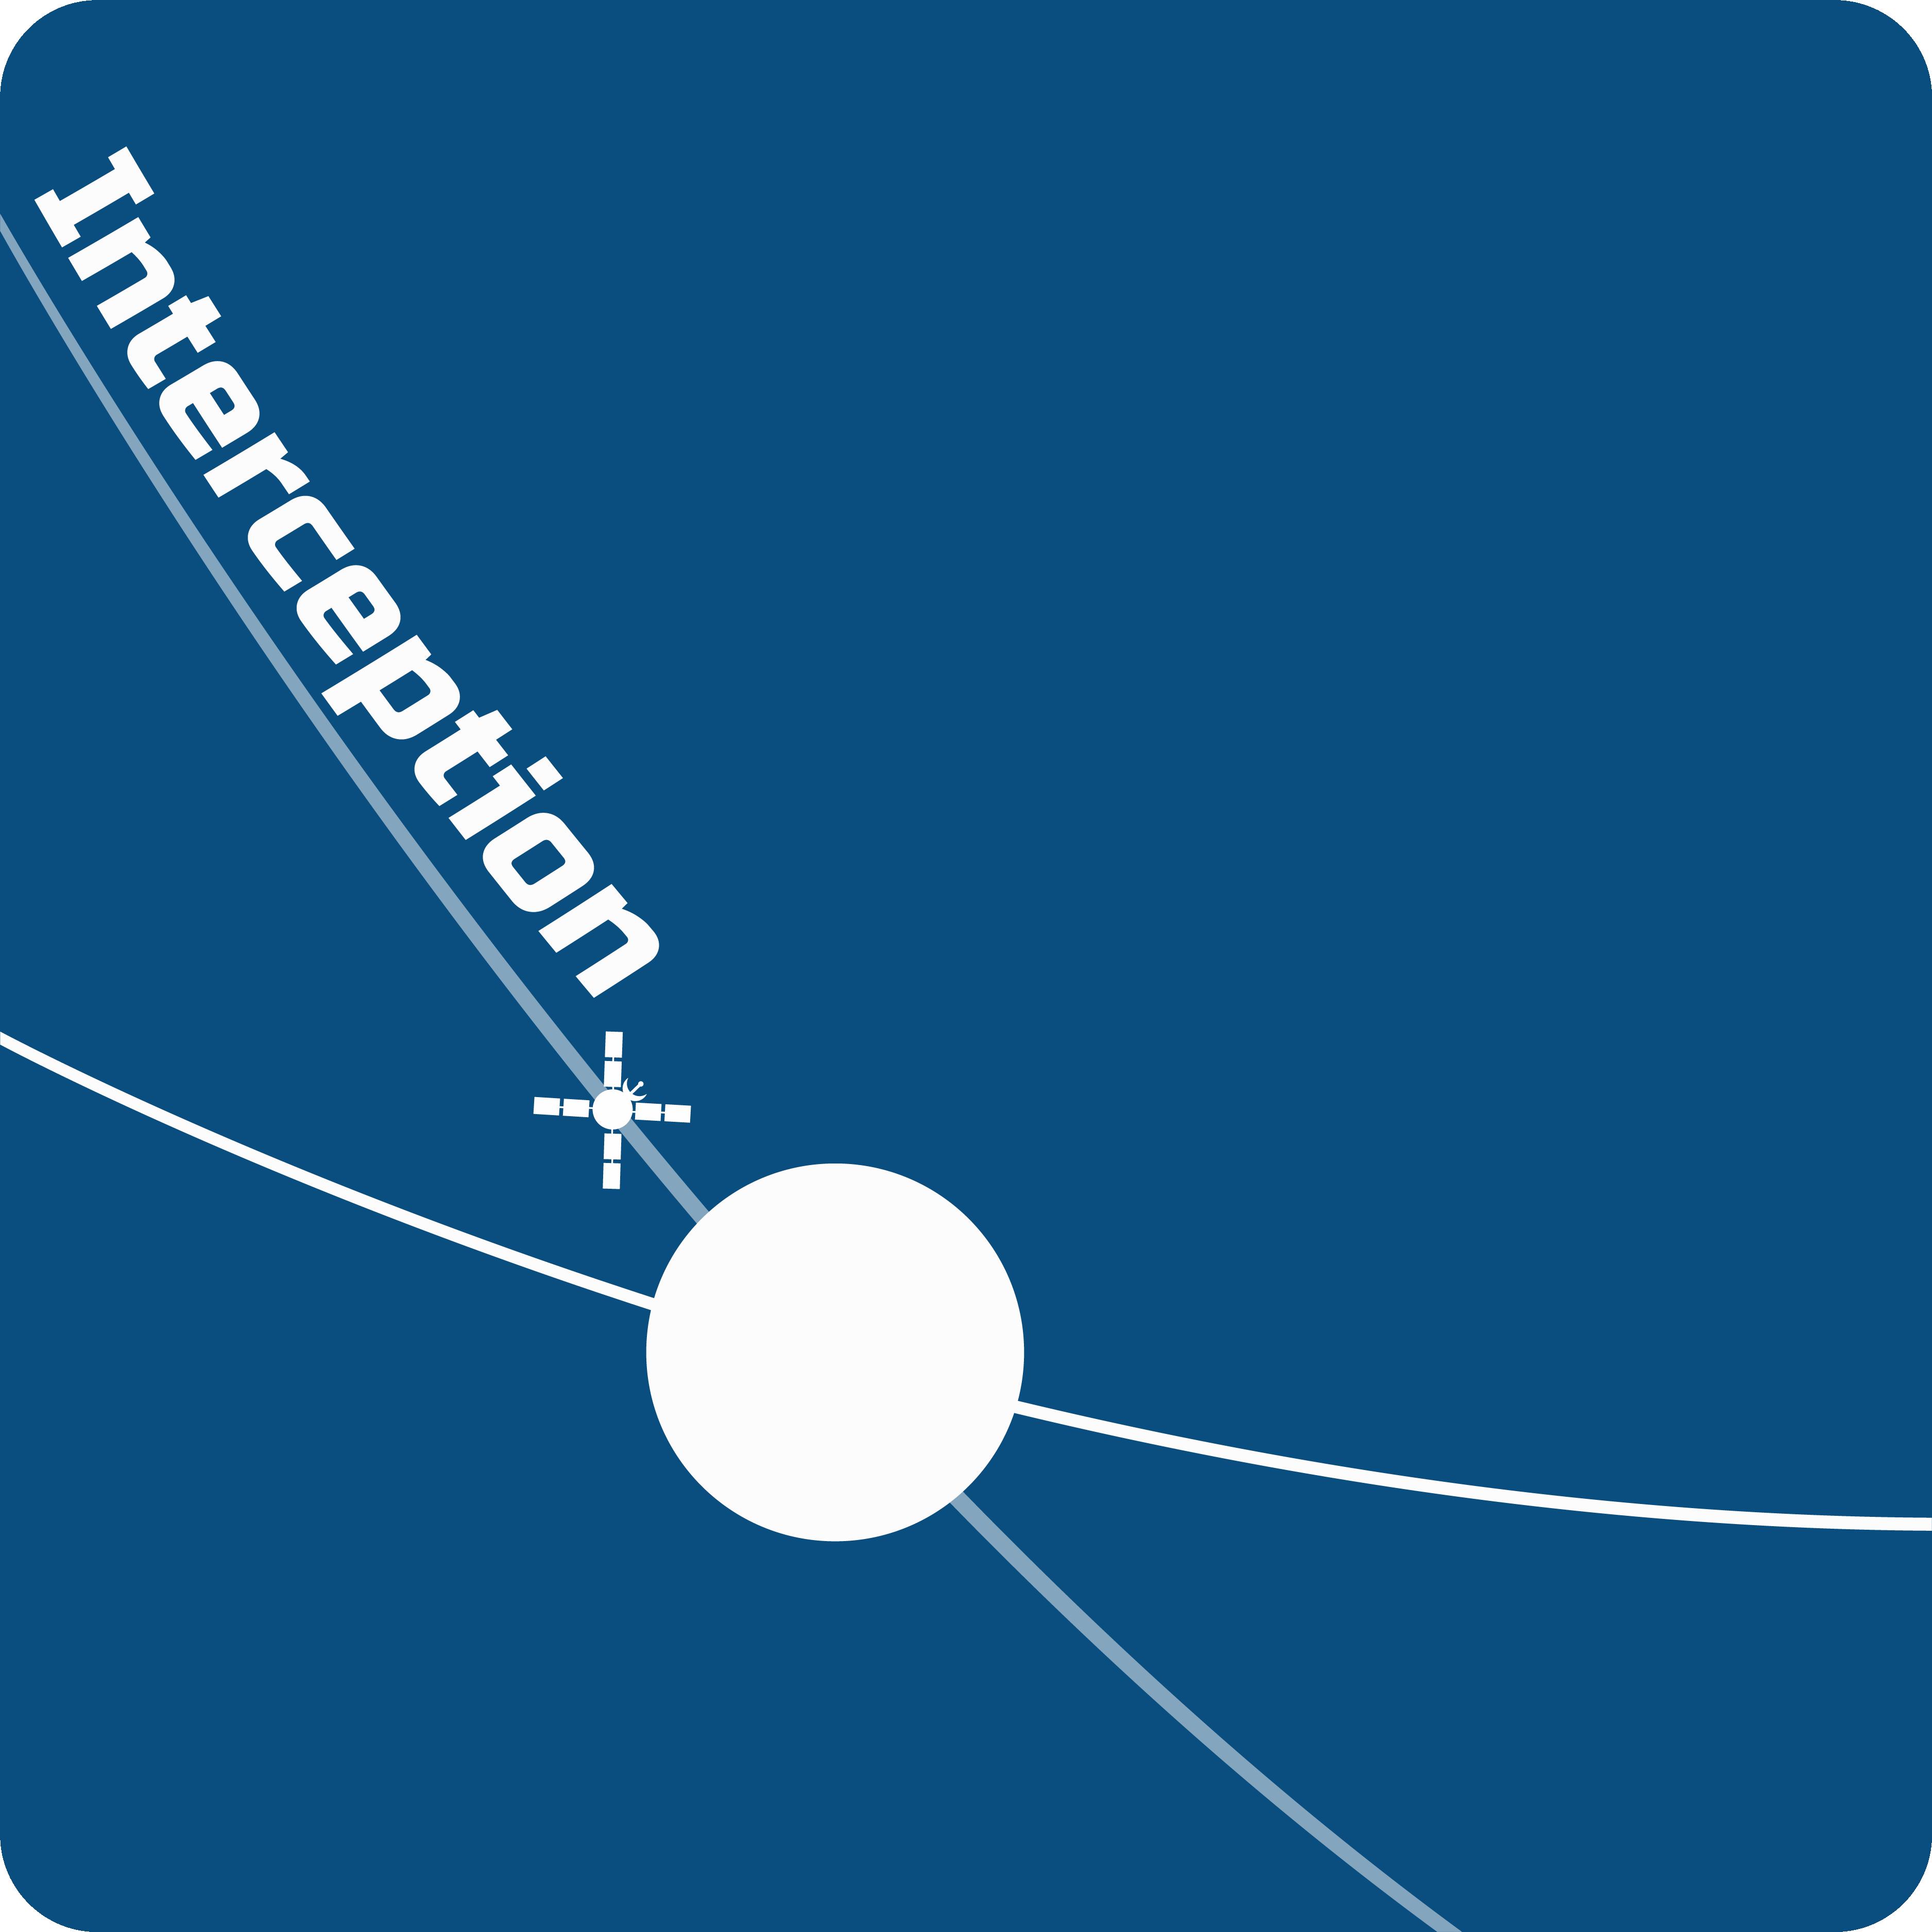 Interception Vignette Challenge